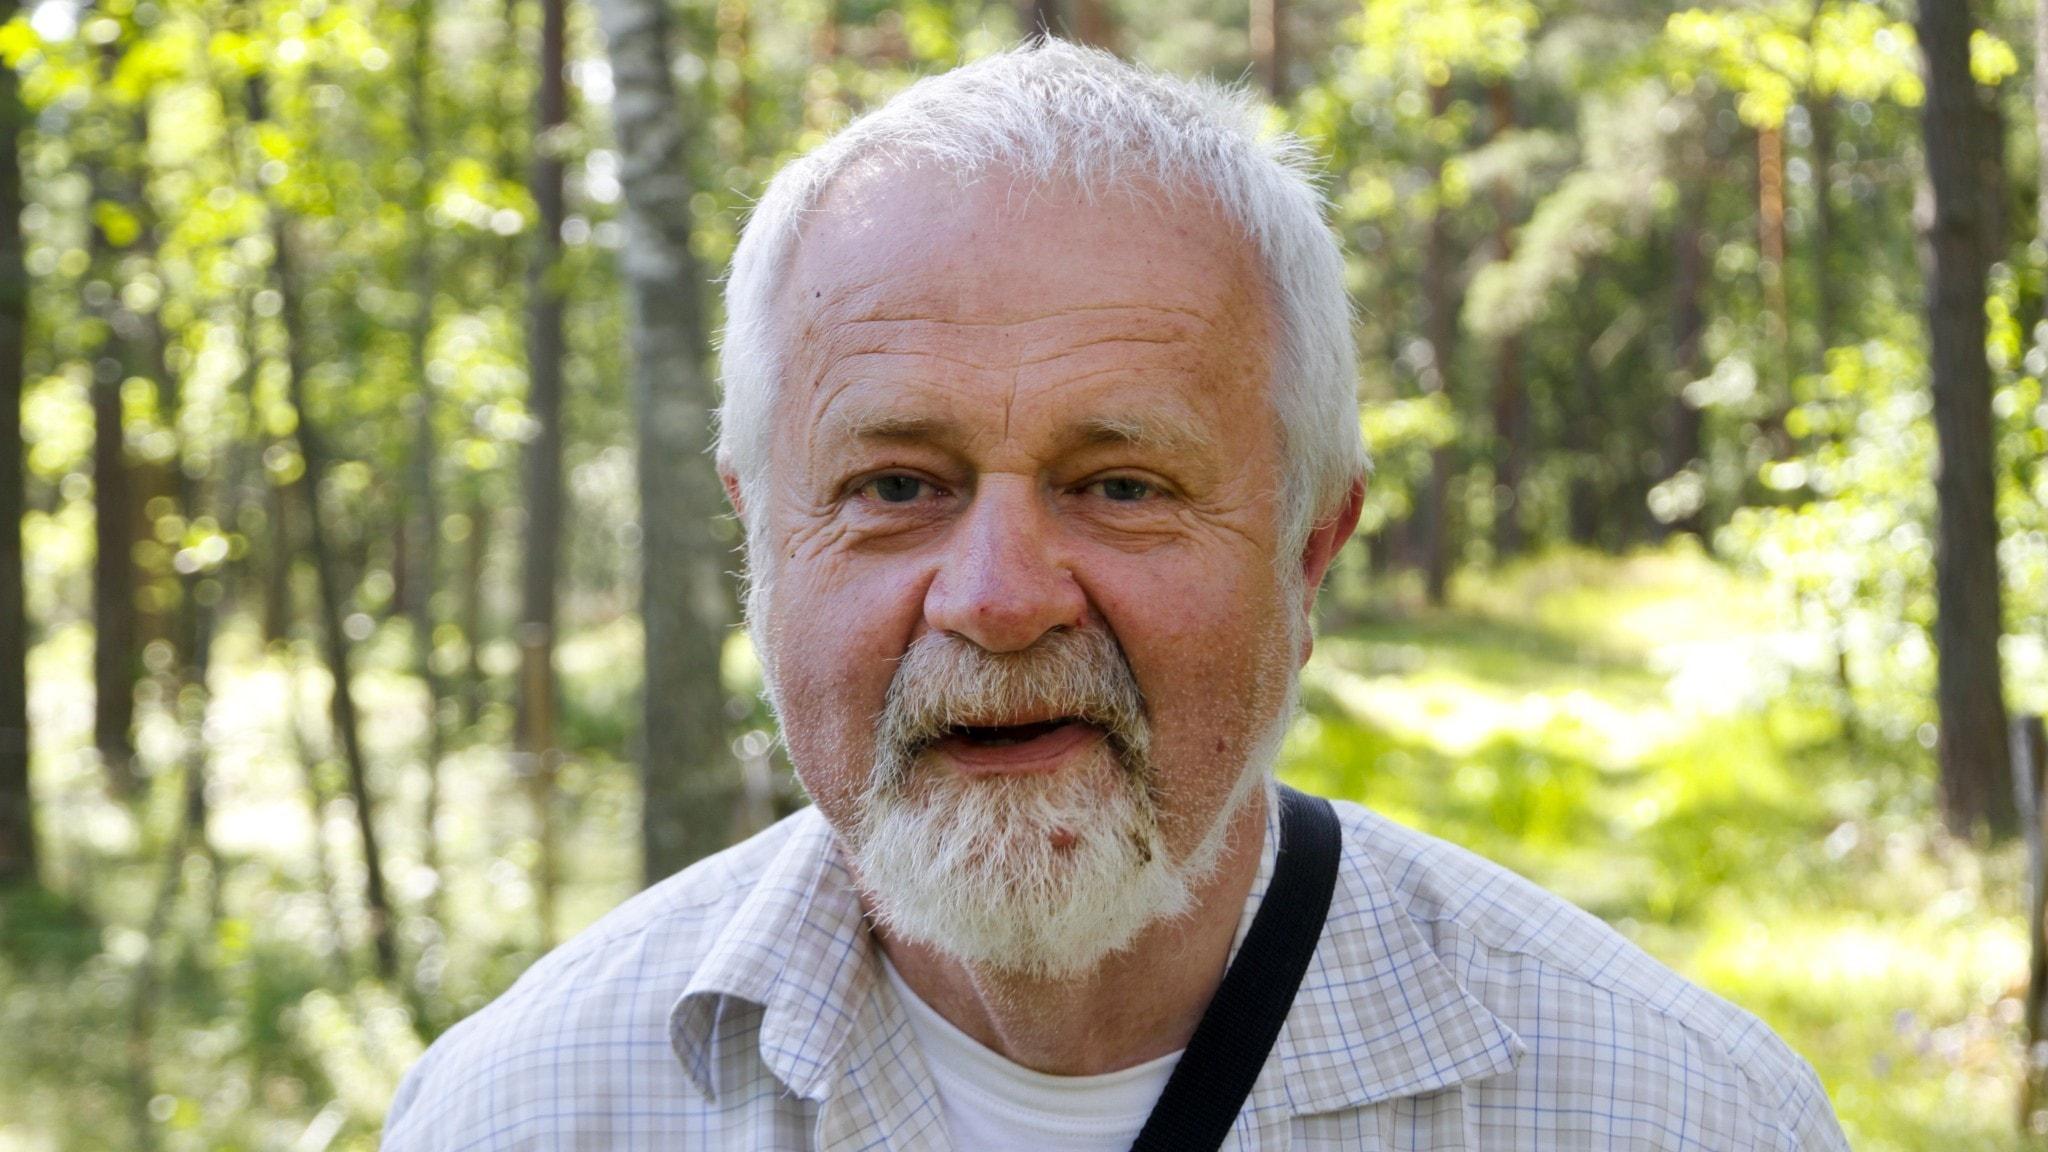 Porträttbild av en glad herre med vitt hår och vitt hakskägg